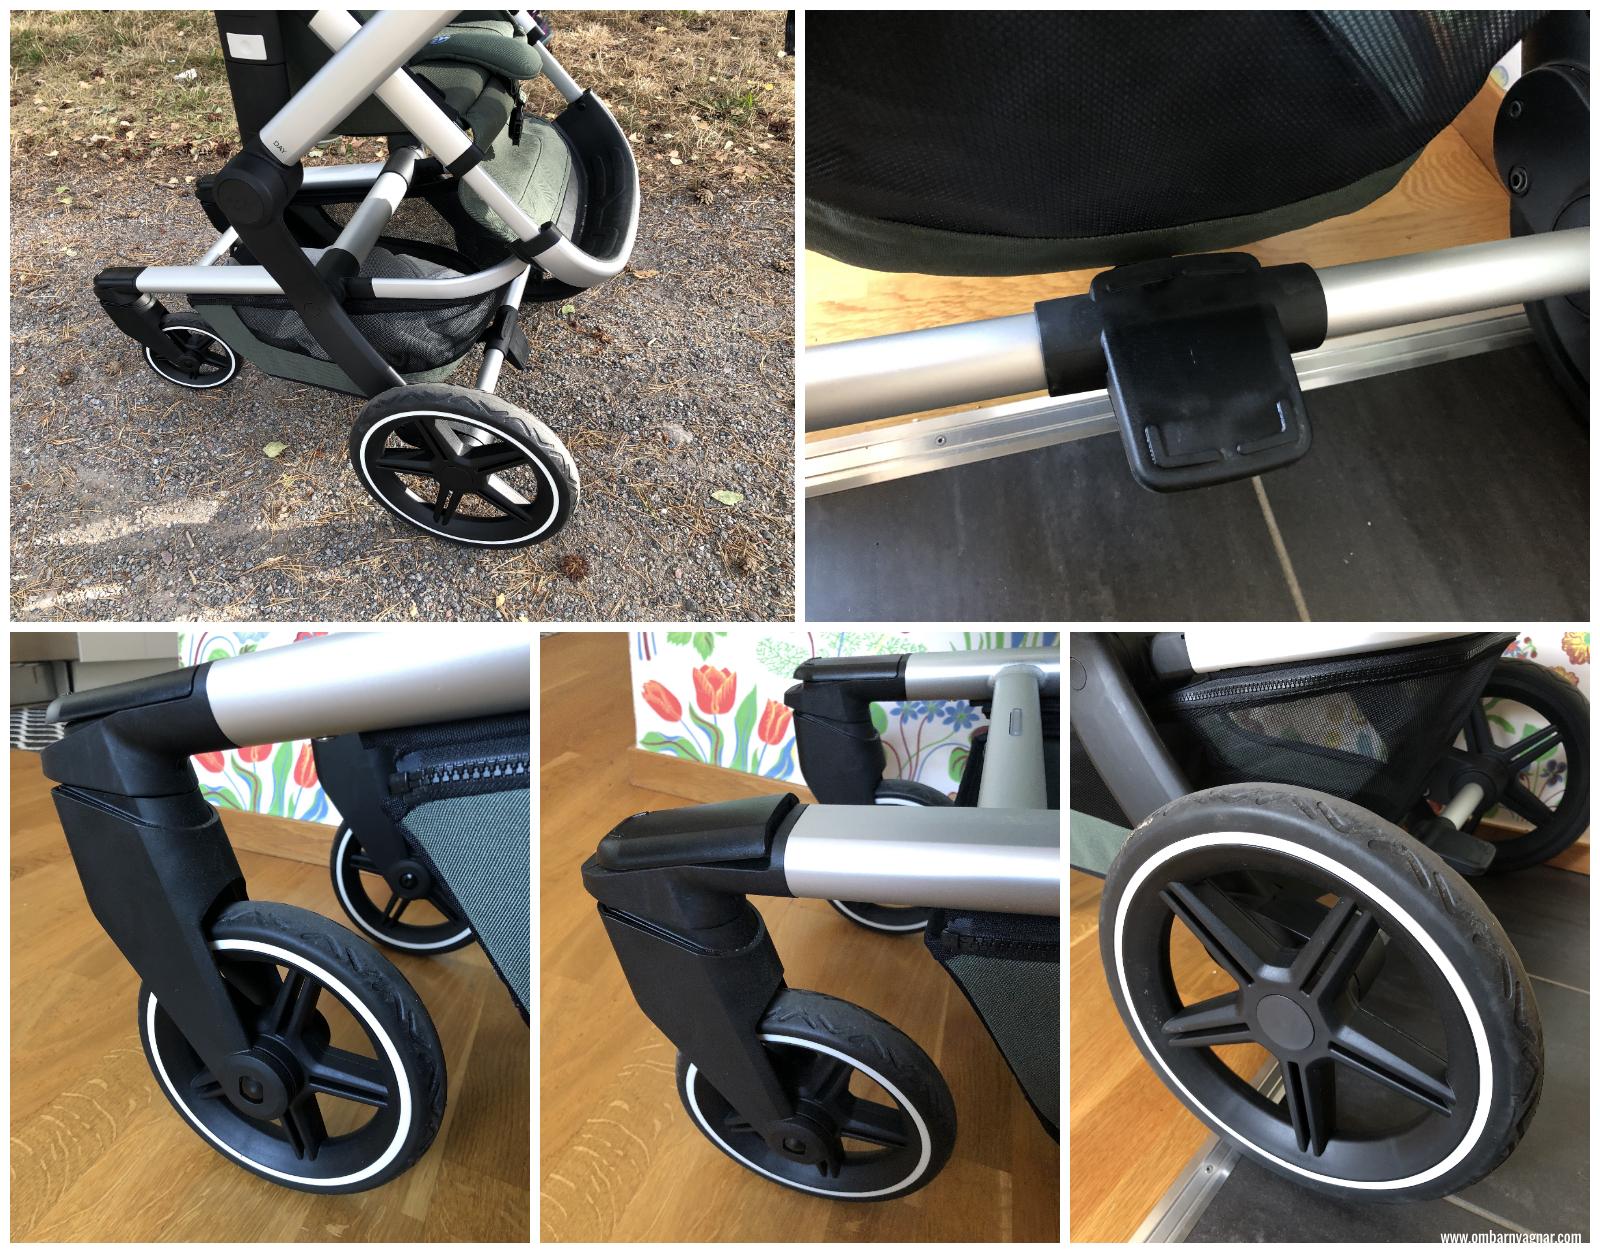 Joolz Day + är utrustad med svängbara, punkteringsfria hjul